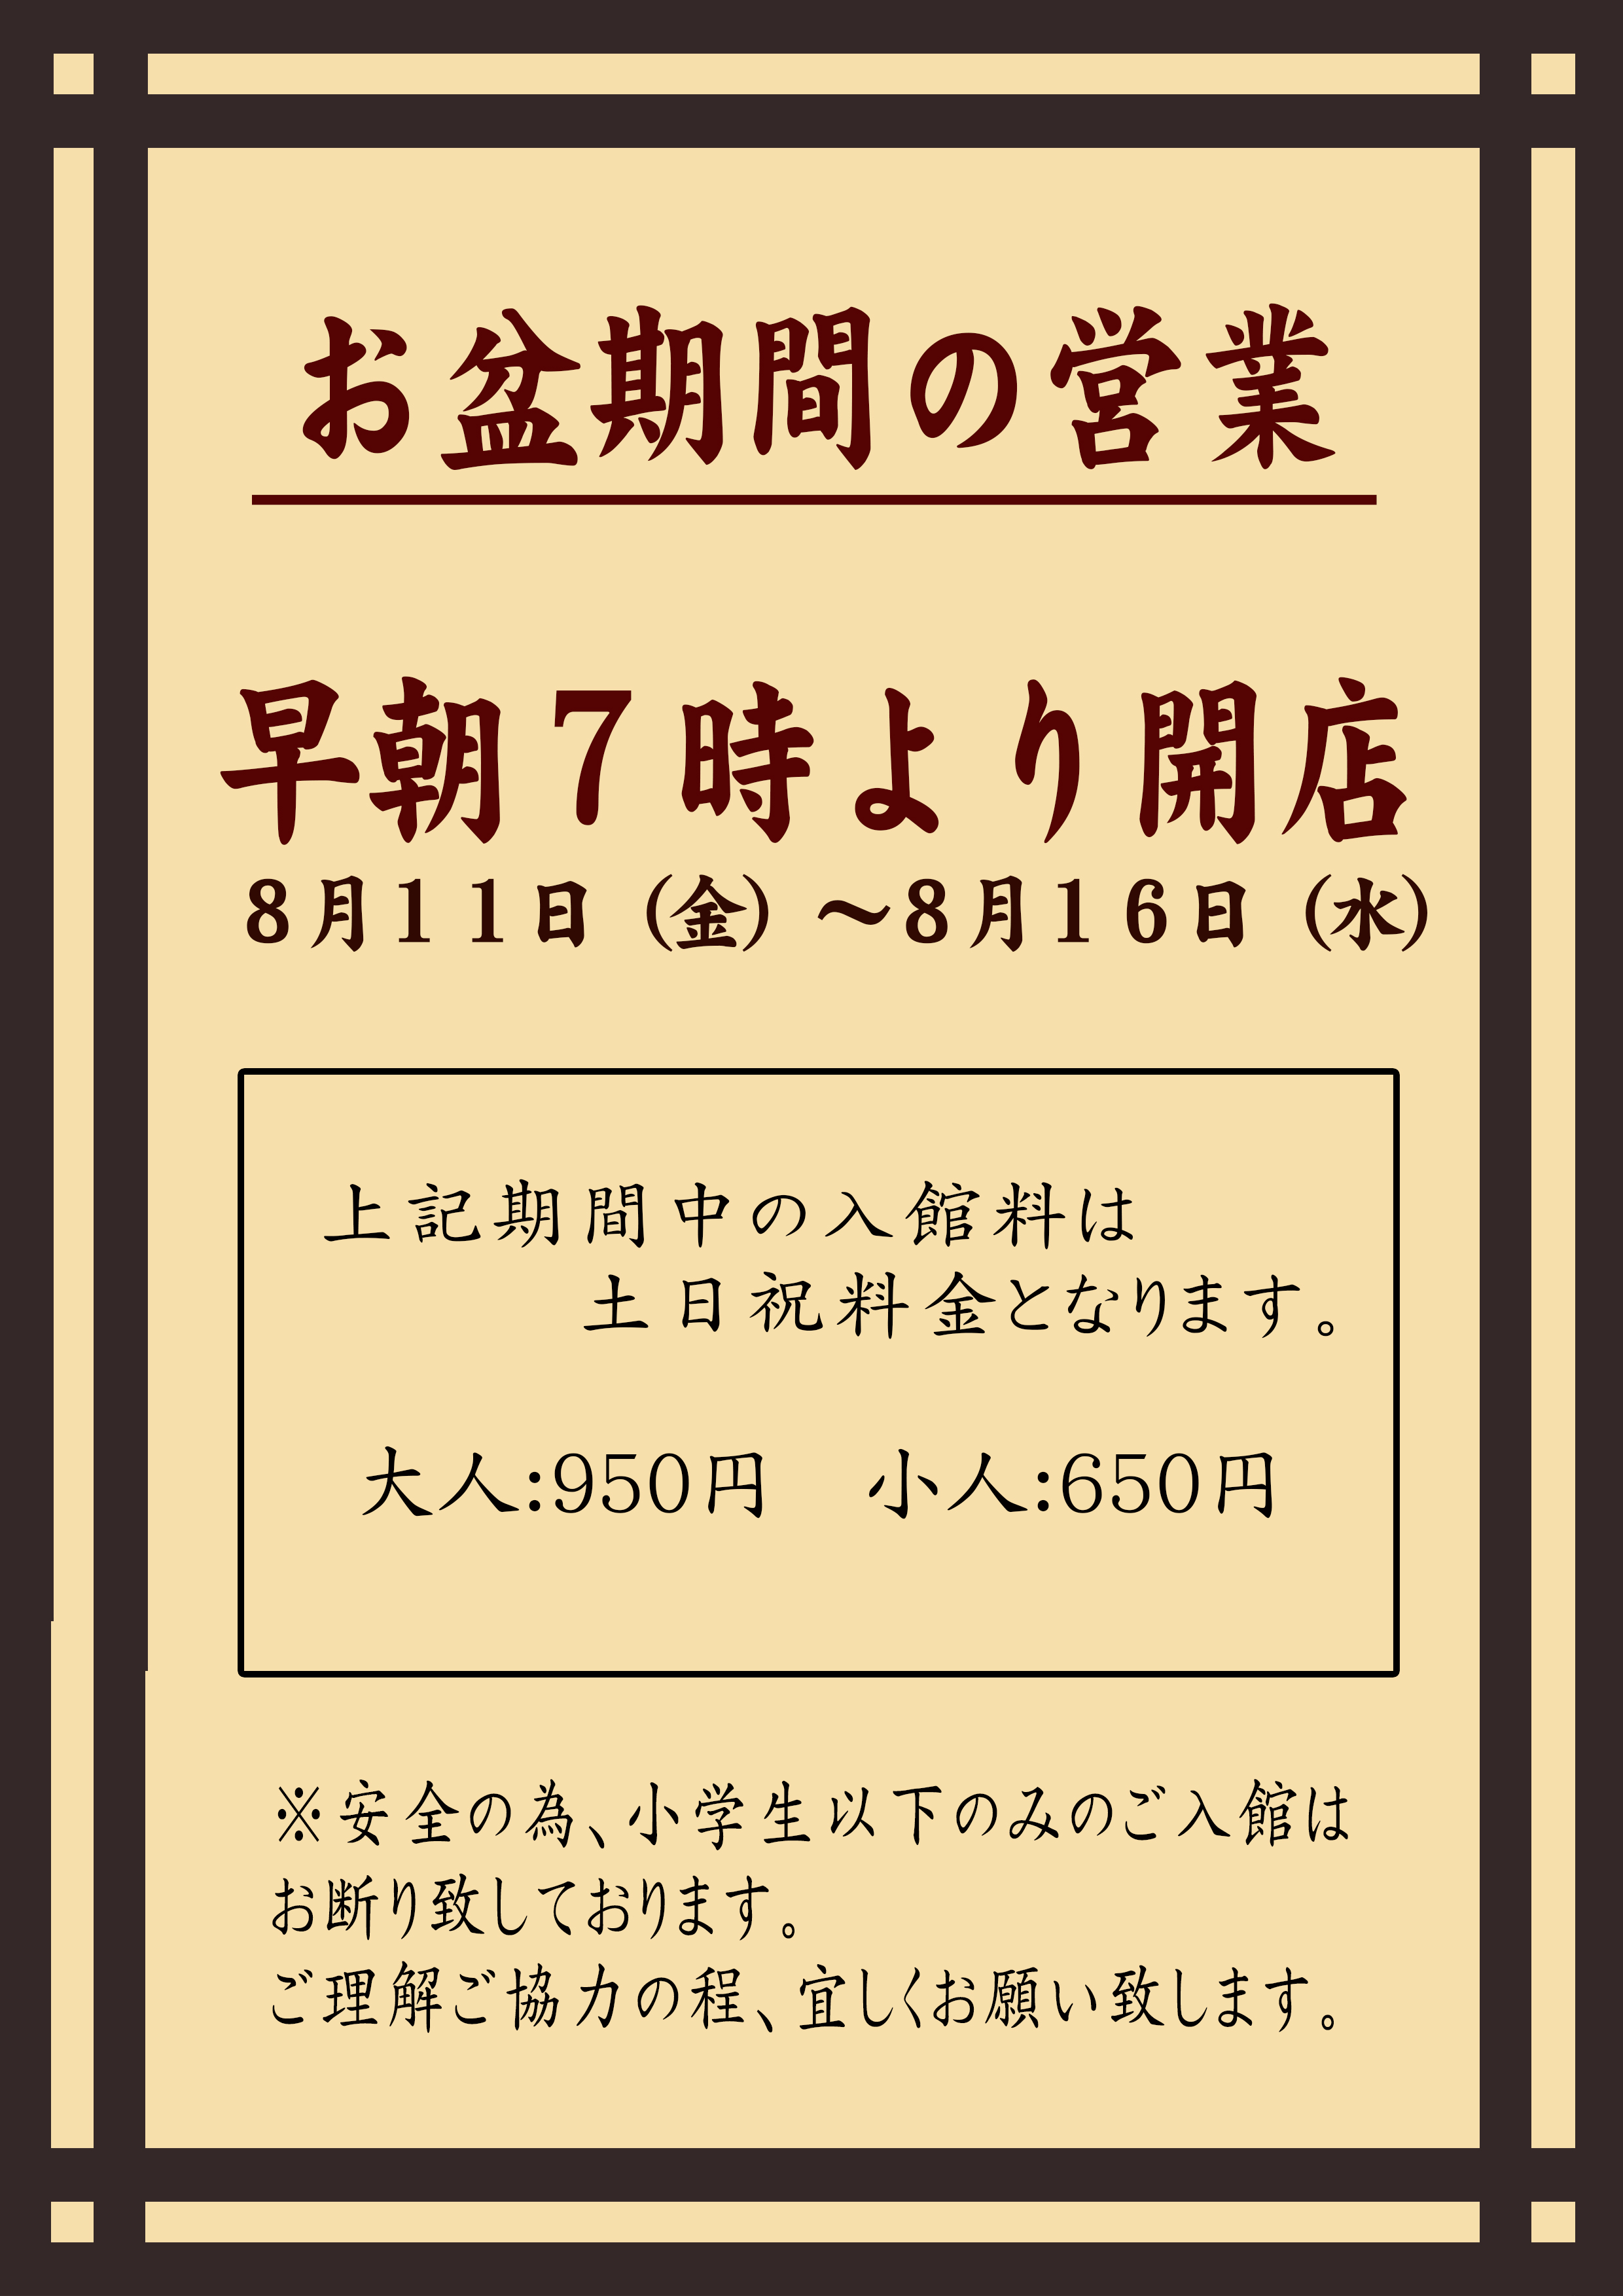 POP イベント 特別営業 8月 お盆